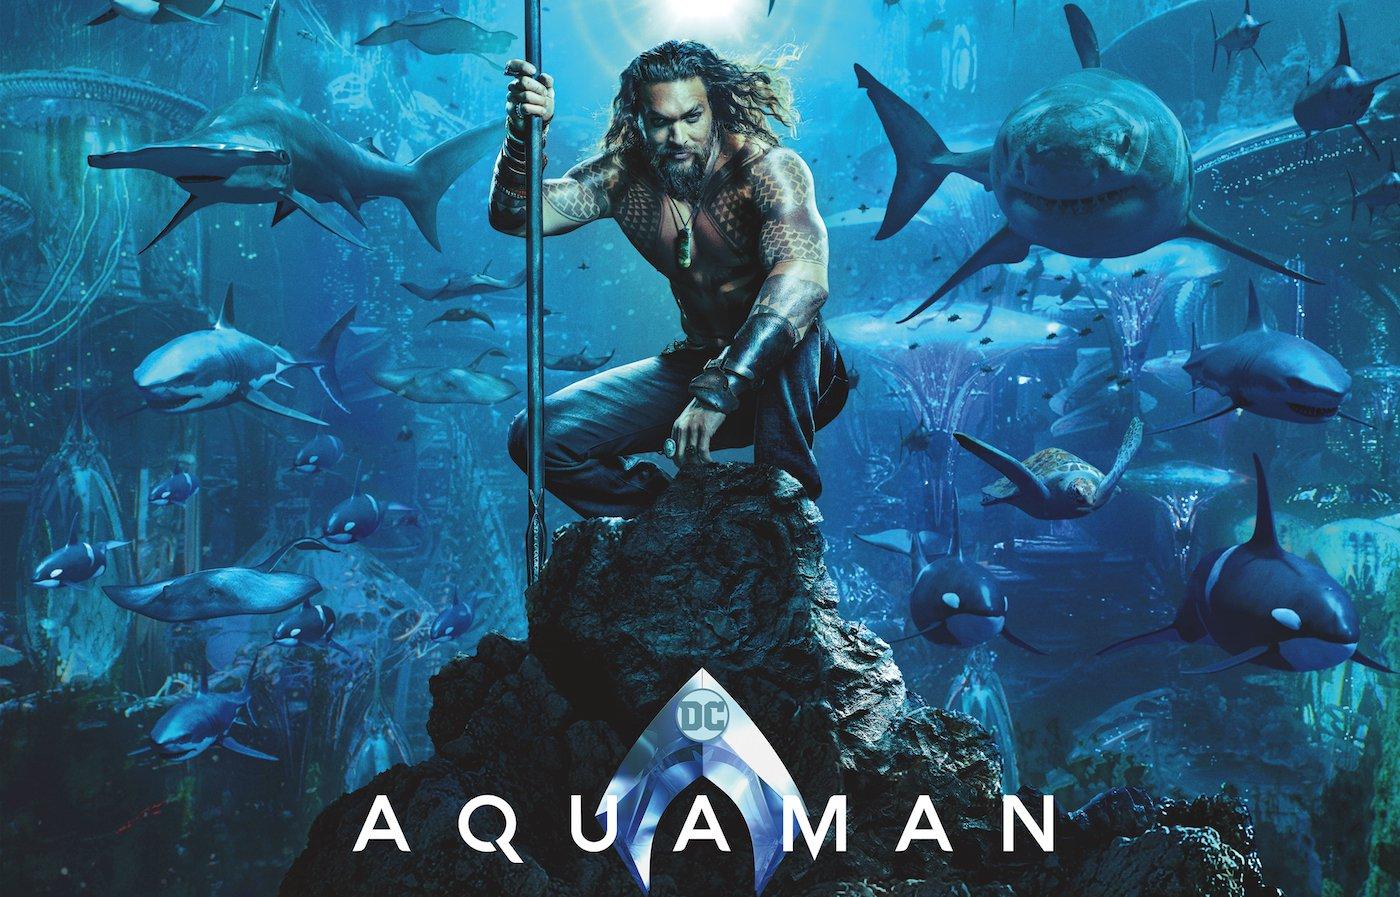 Jason Momoa: Hóa thân hoàn hảo của vua đại dương Aquaman trong bom tấn siêu anh hùng Aquaman: Đế Vương Atlantis - Hình 8